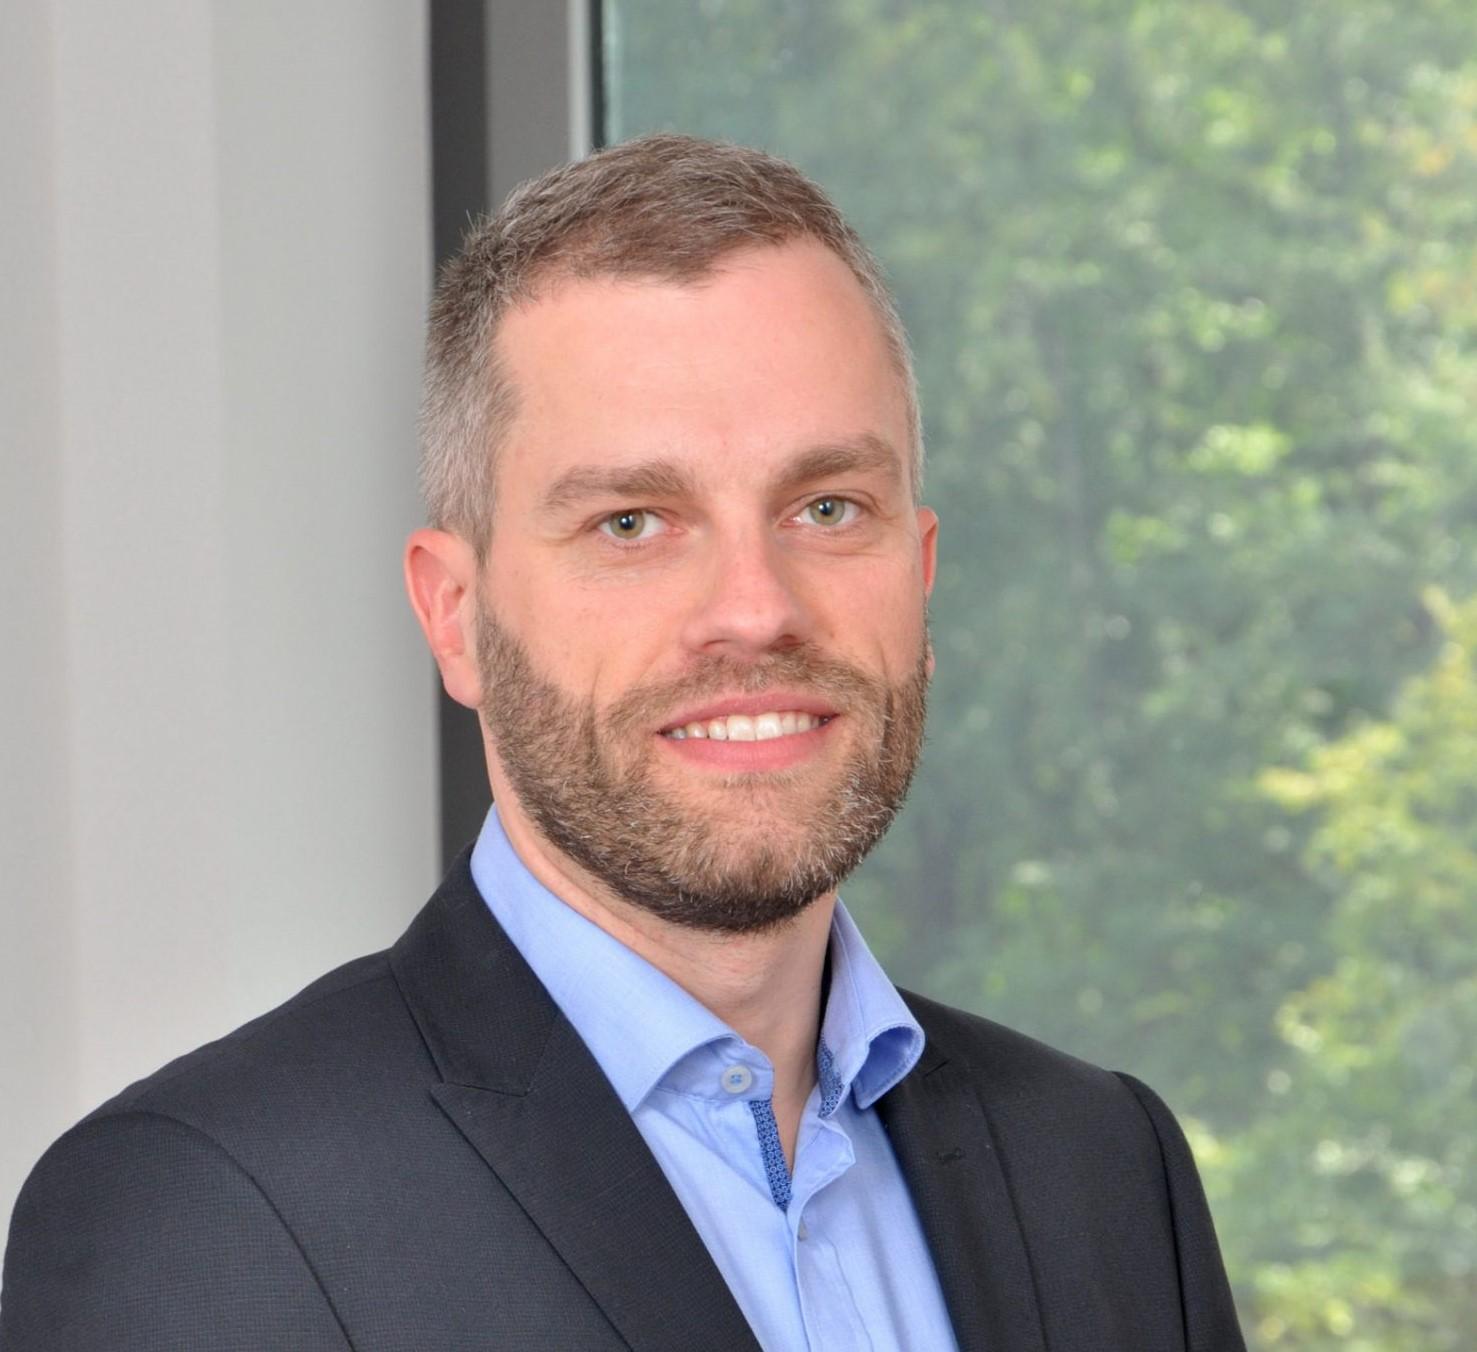 Maik Wißkirchen